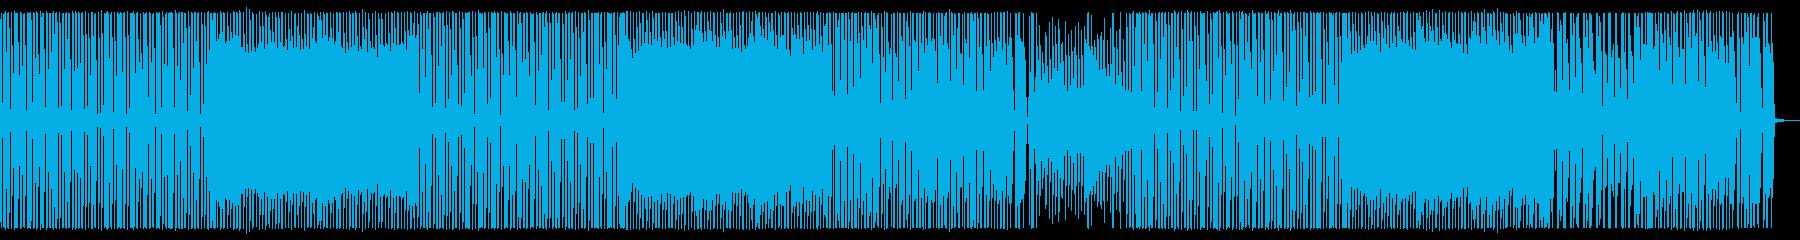 スキップしたくなる軽快で明るい日常BGMの再生済みの波形